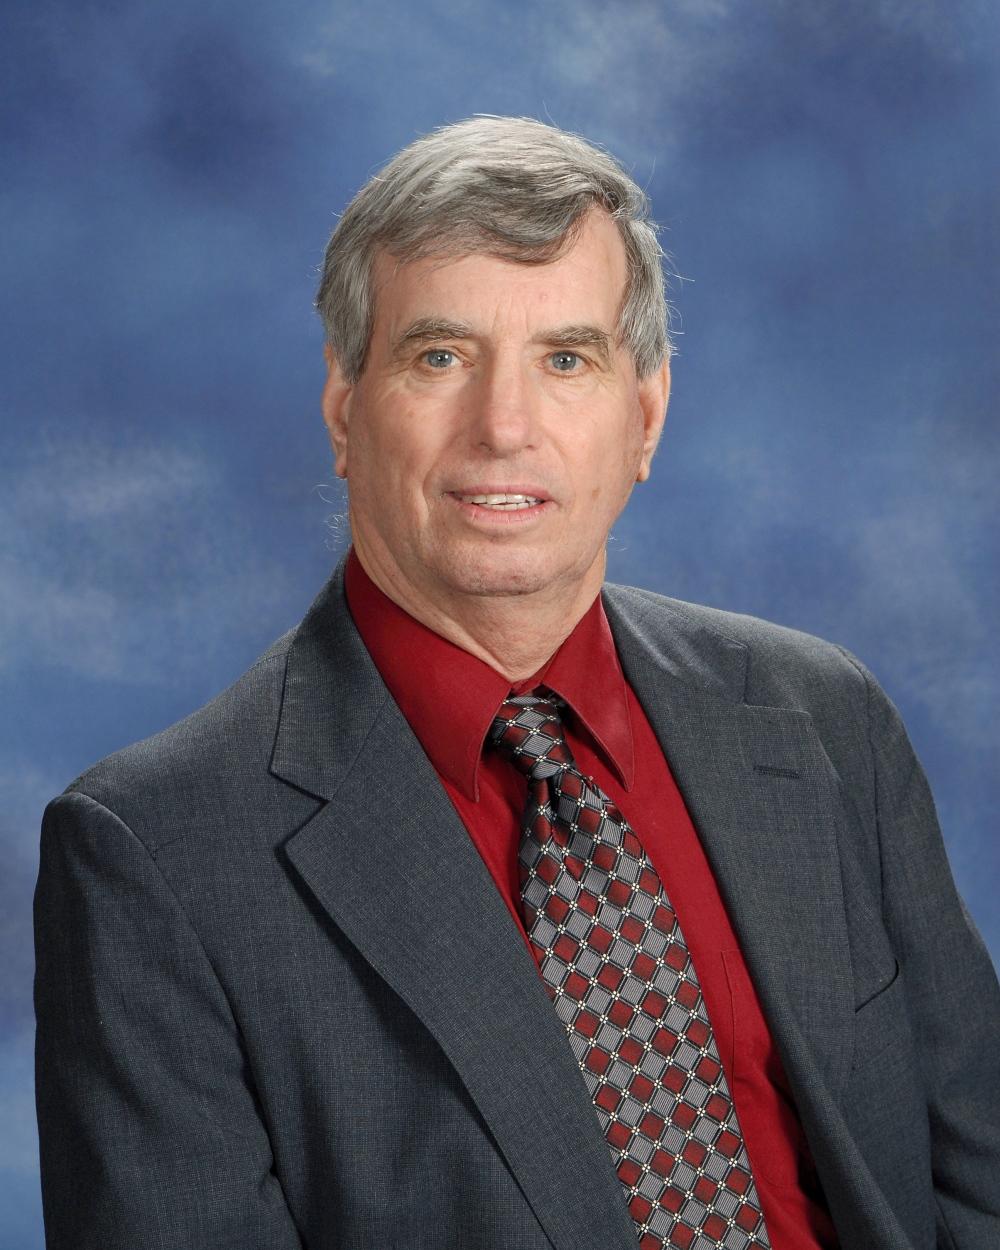 Eddie McKnight